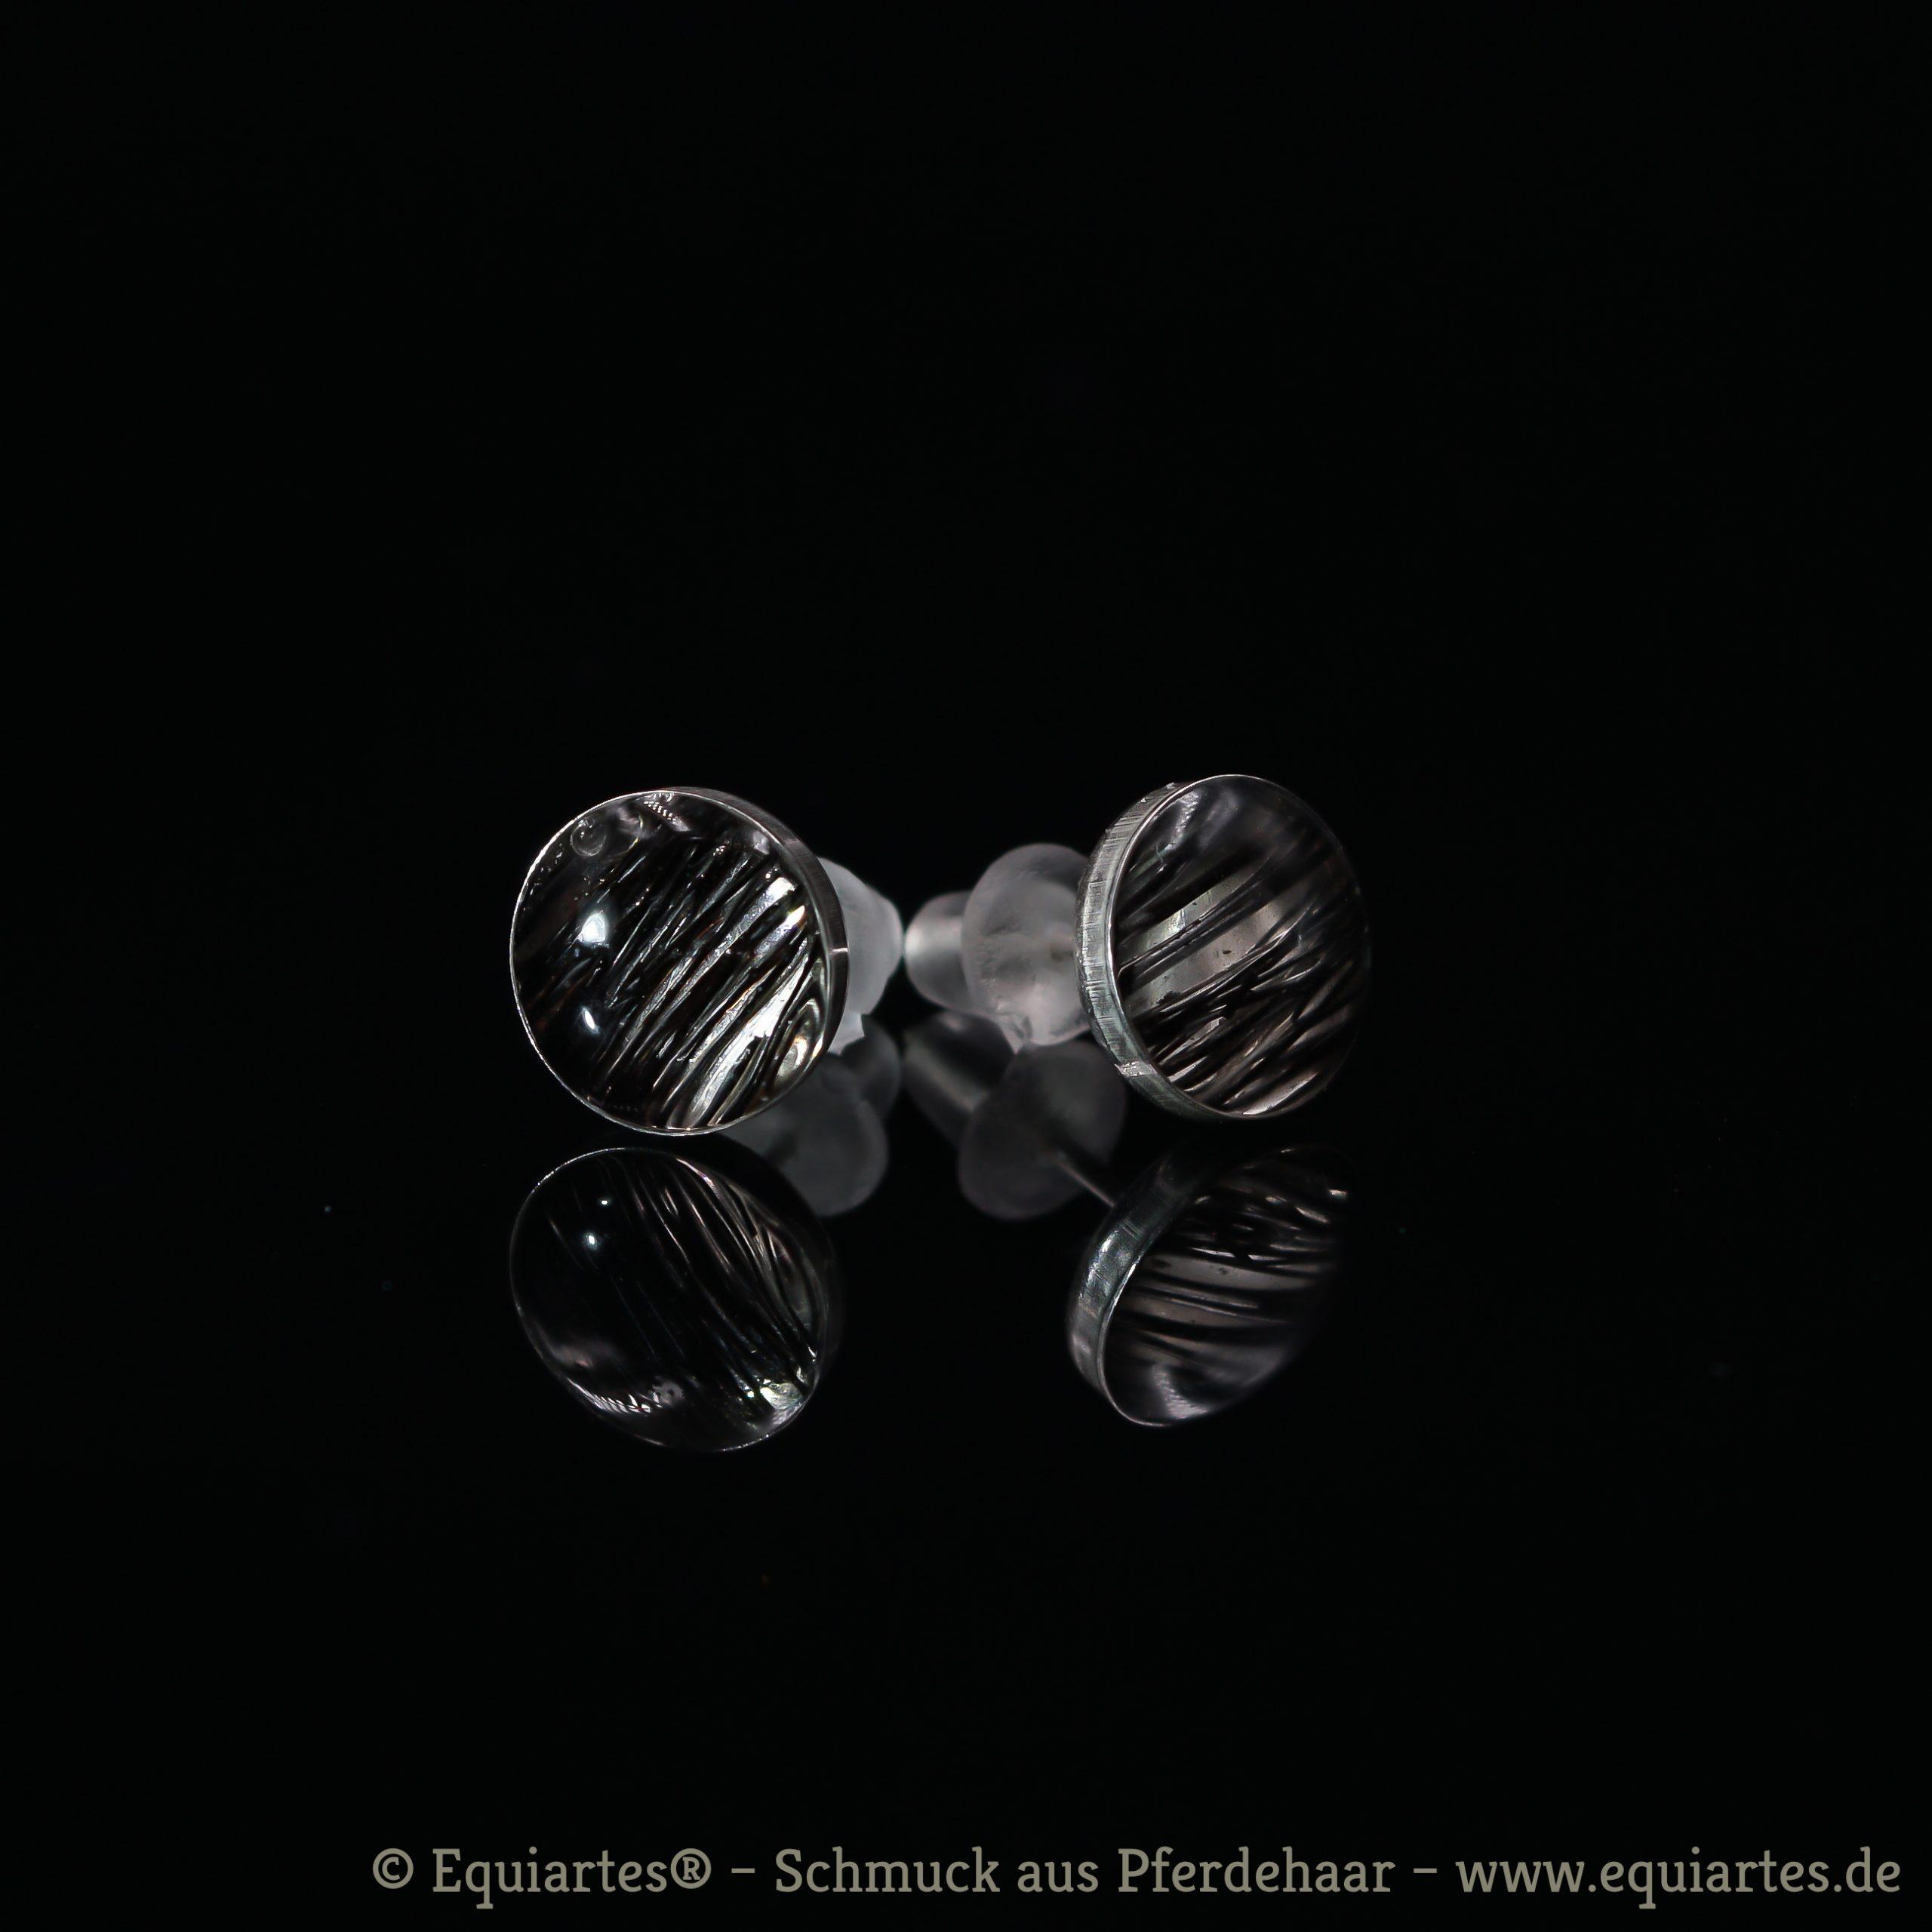 Tierhaarschmuck-Ohrschmuck - Ohrstecker mit Cabochon - Gemini I